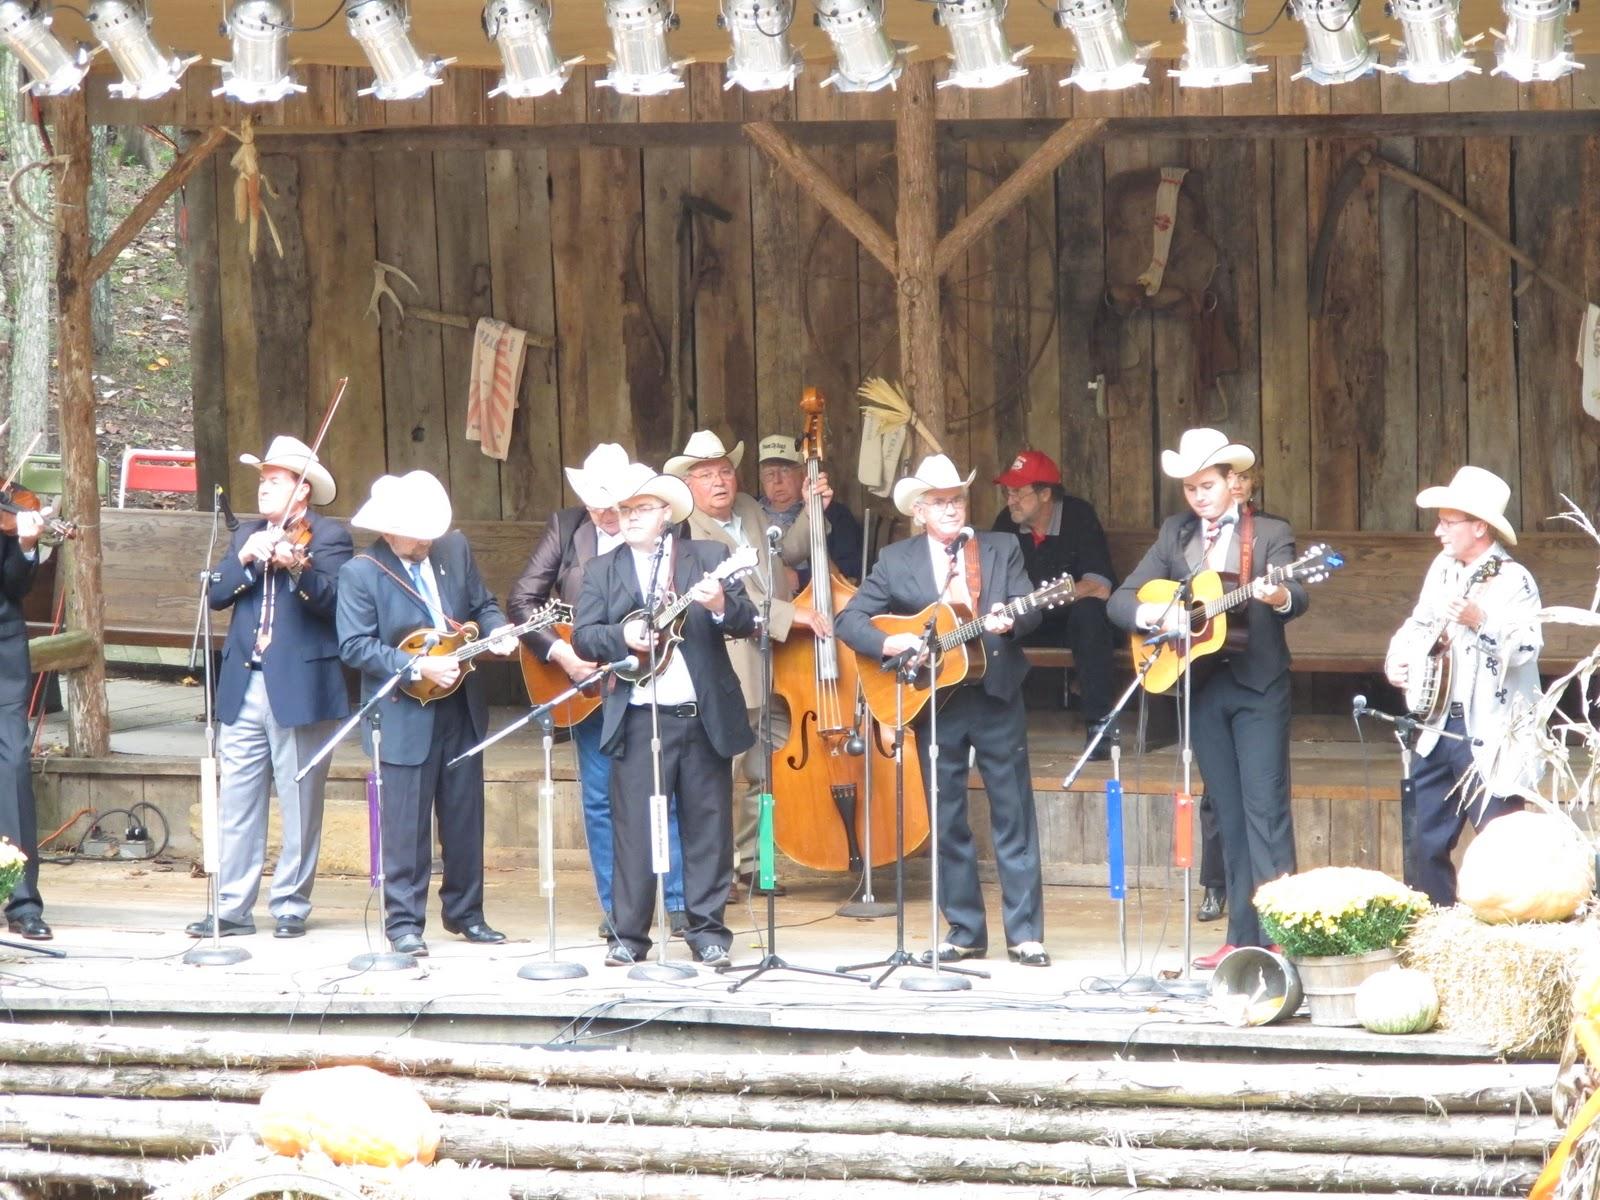 PrunePicker: Jerusalem Ridge Bluegrass Celebration. Day one.